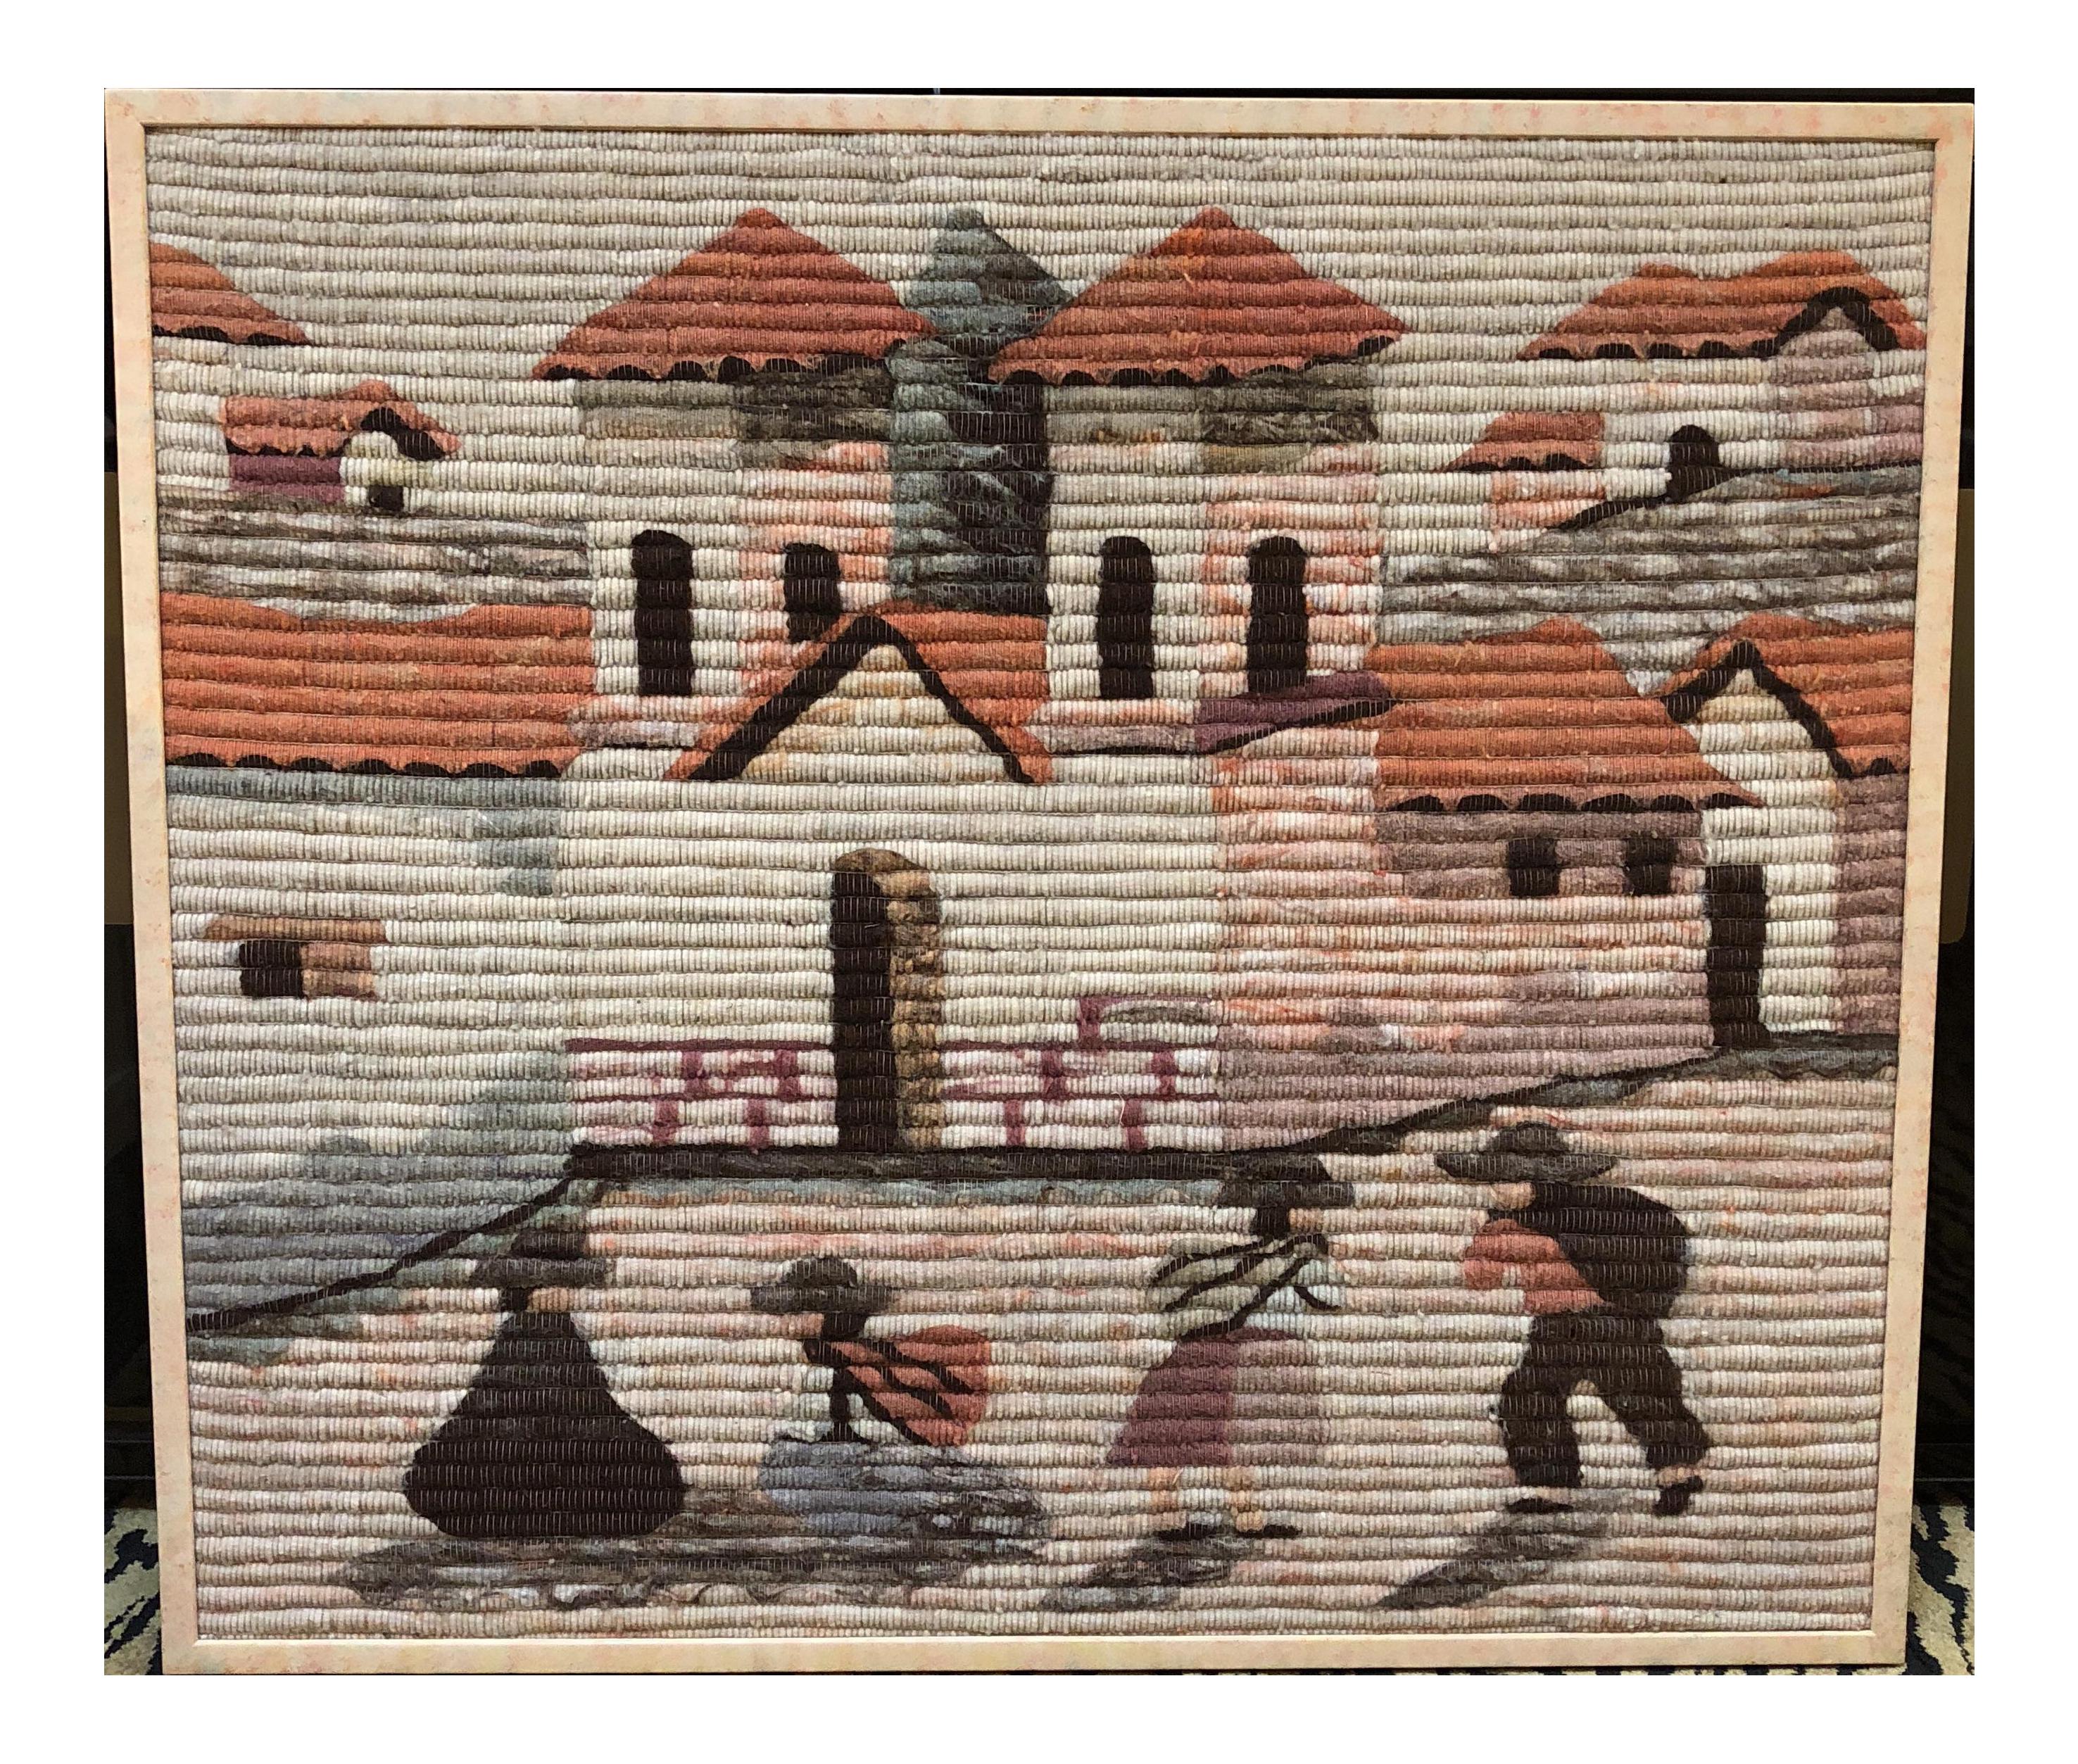 Framed Hand Woven Peruvian Textile Art | Chairish